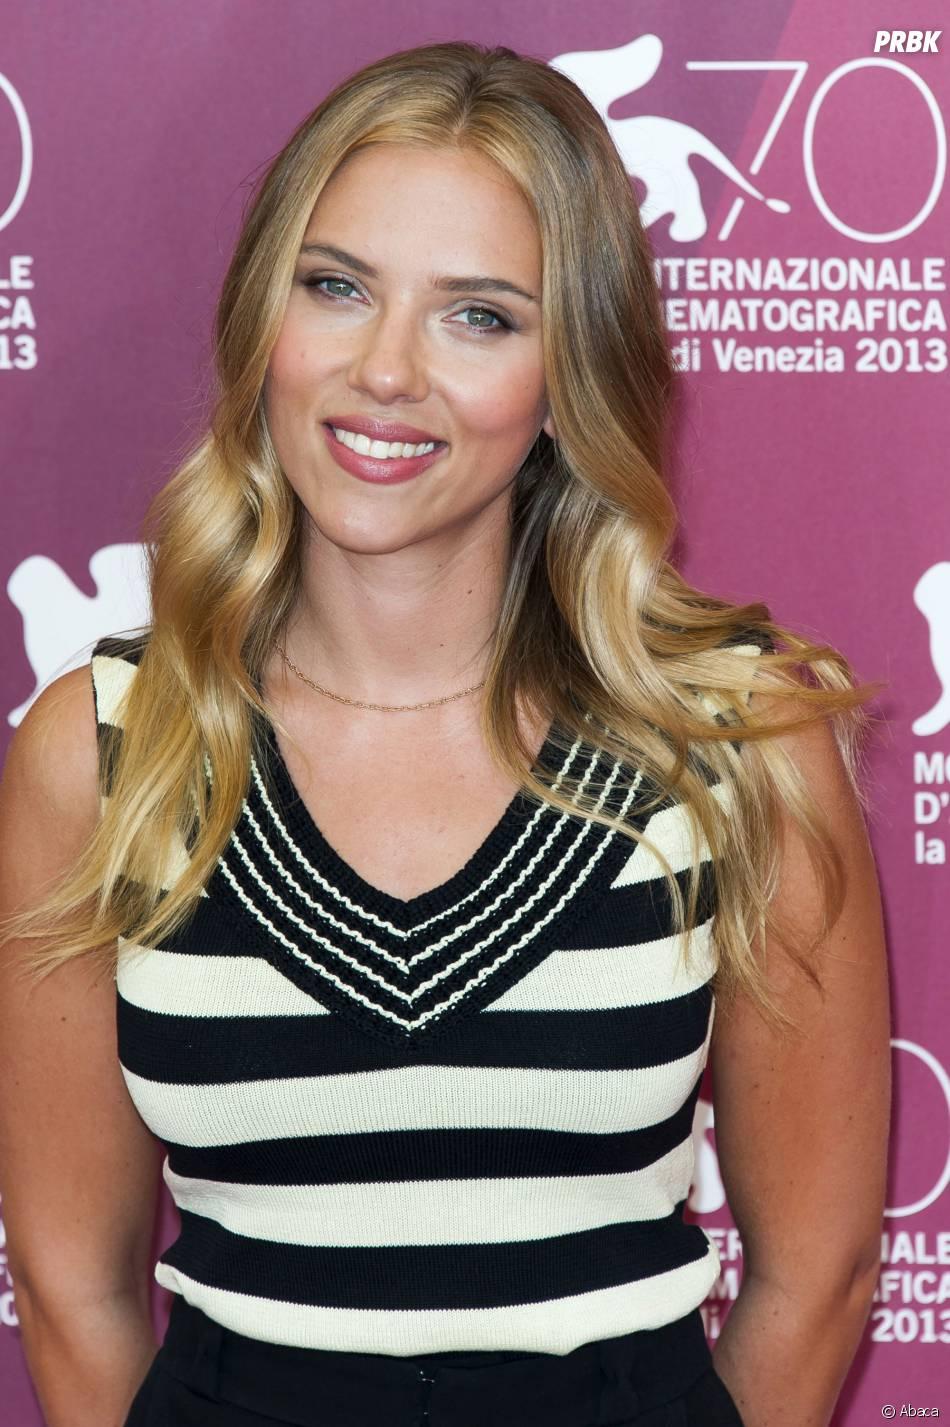 Scarlett Johansson à une conférence de presse lors de la Mostra de Venise pour présenter le film Under The Skin